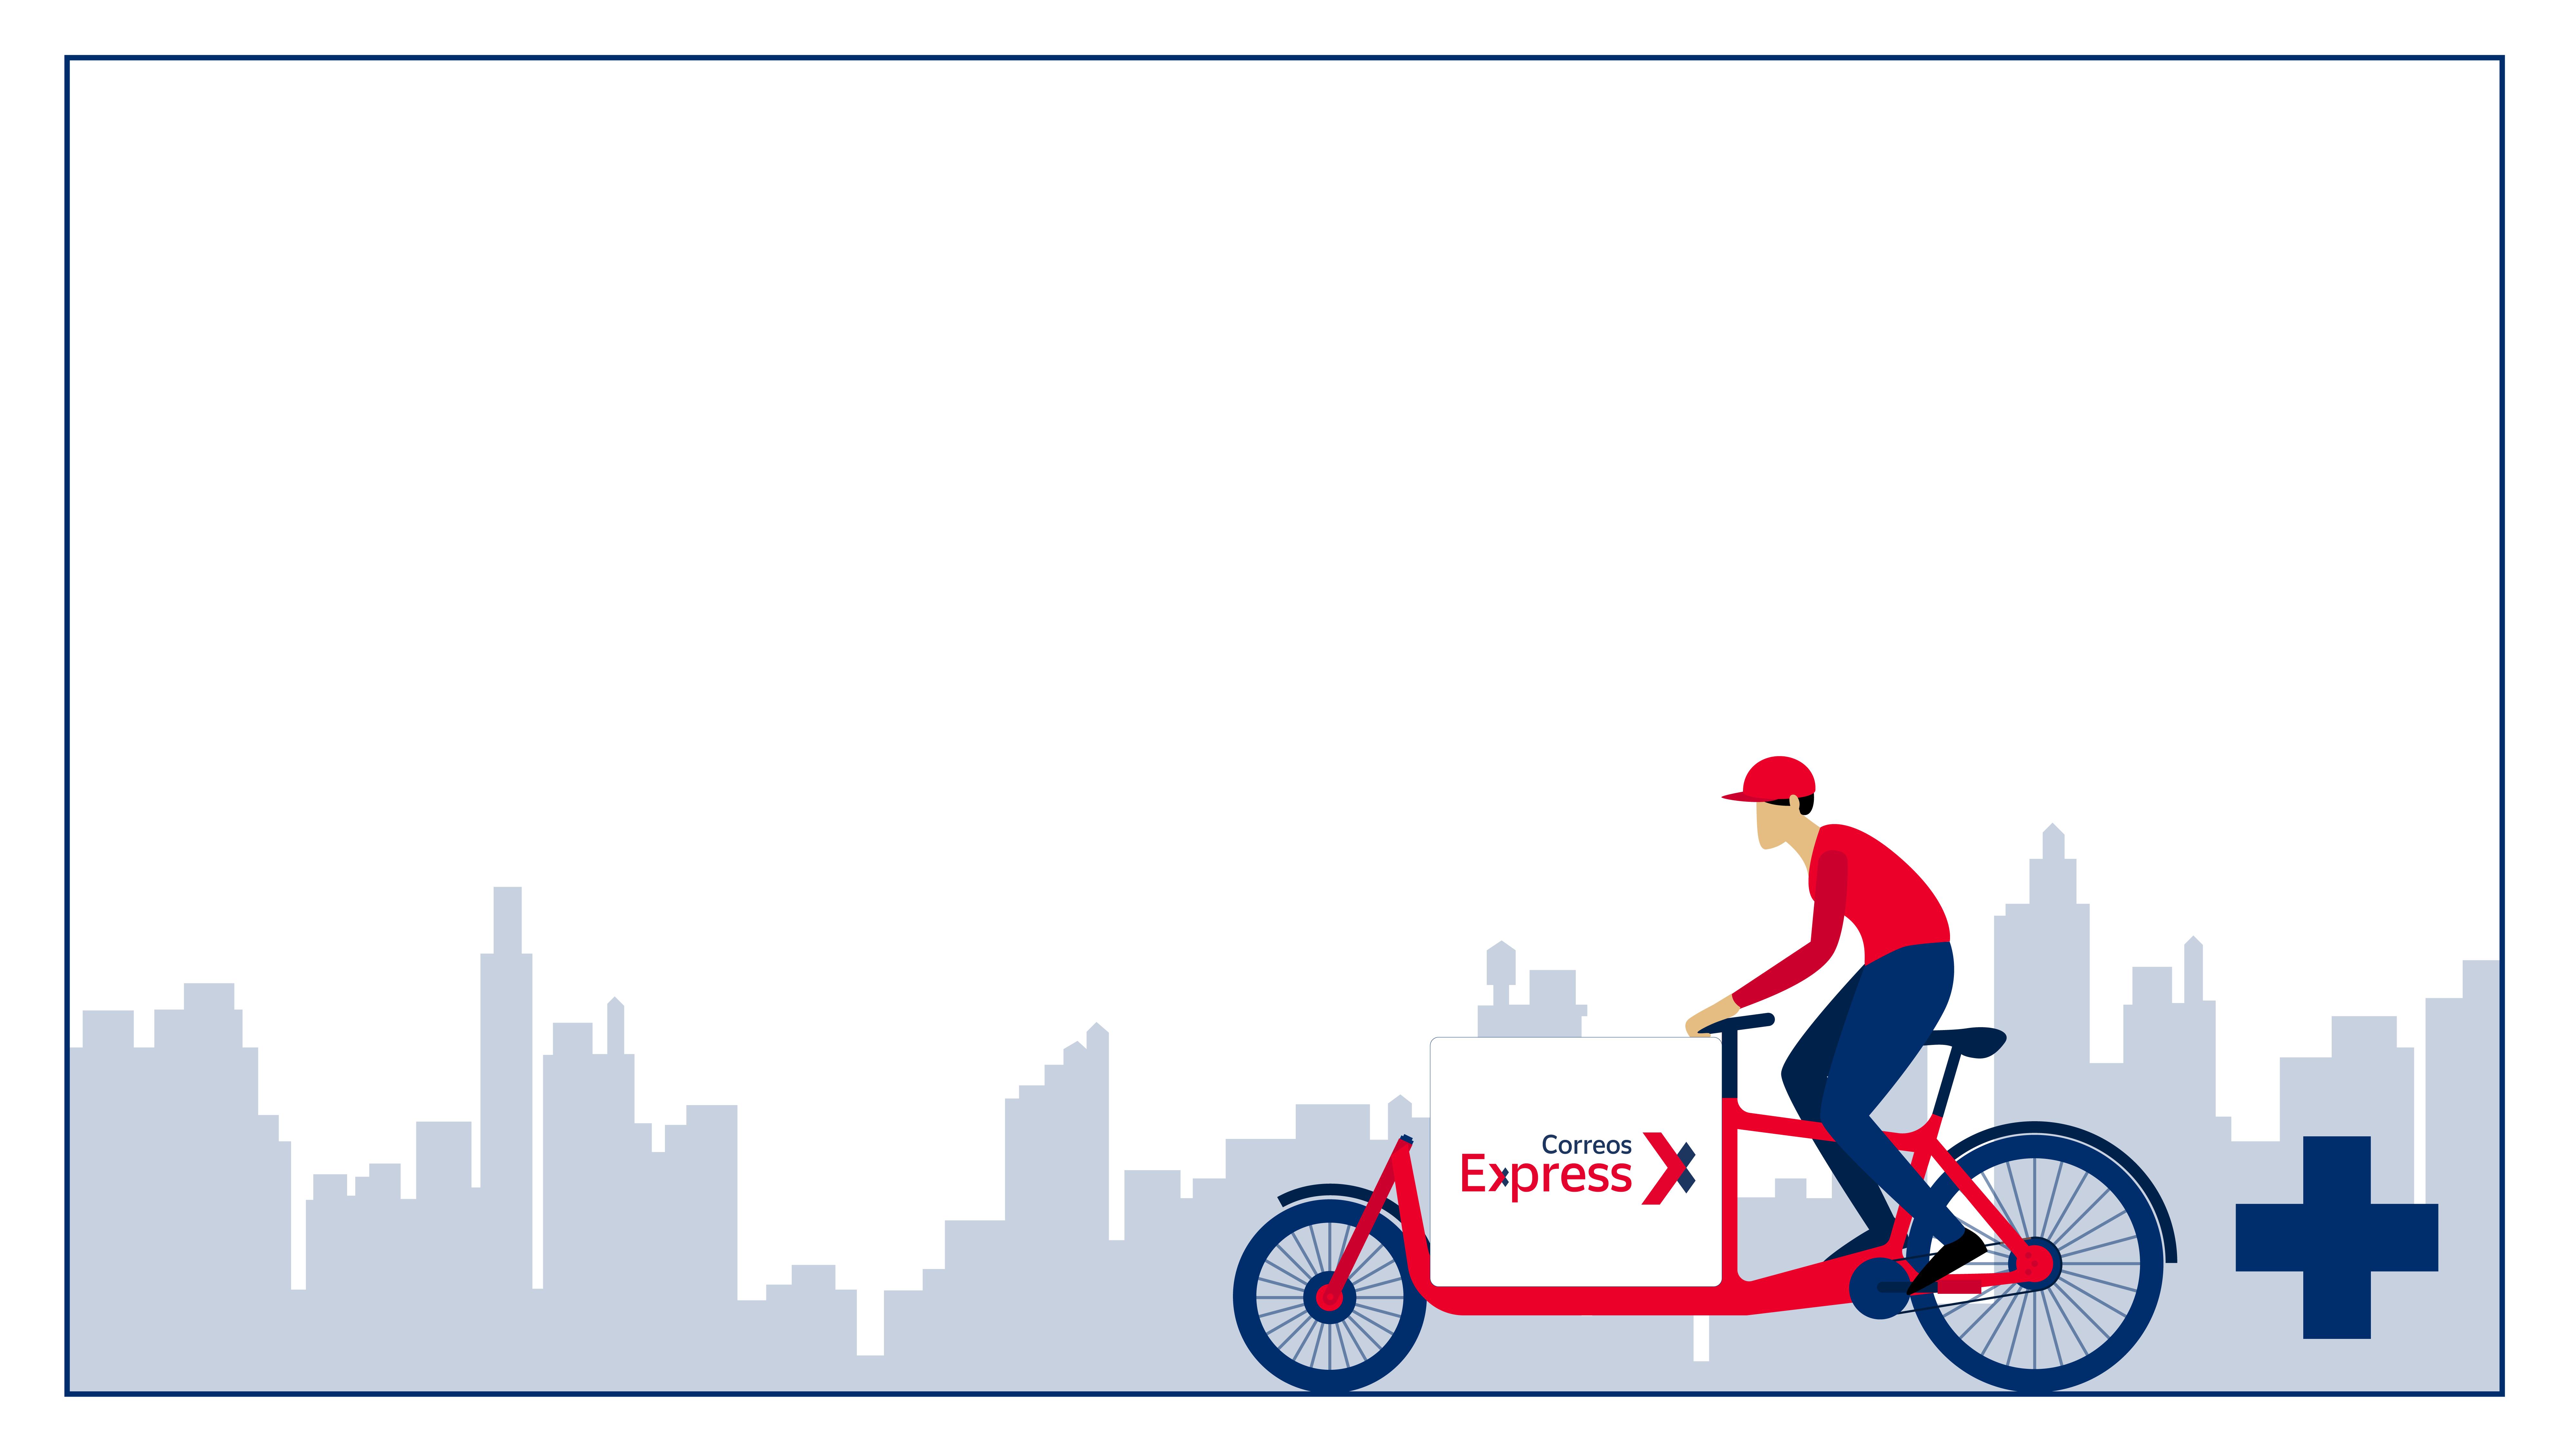 Correos Express se convierte en operador logístico oficial de la Clásica San Sebastián 2021